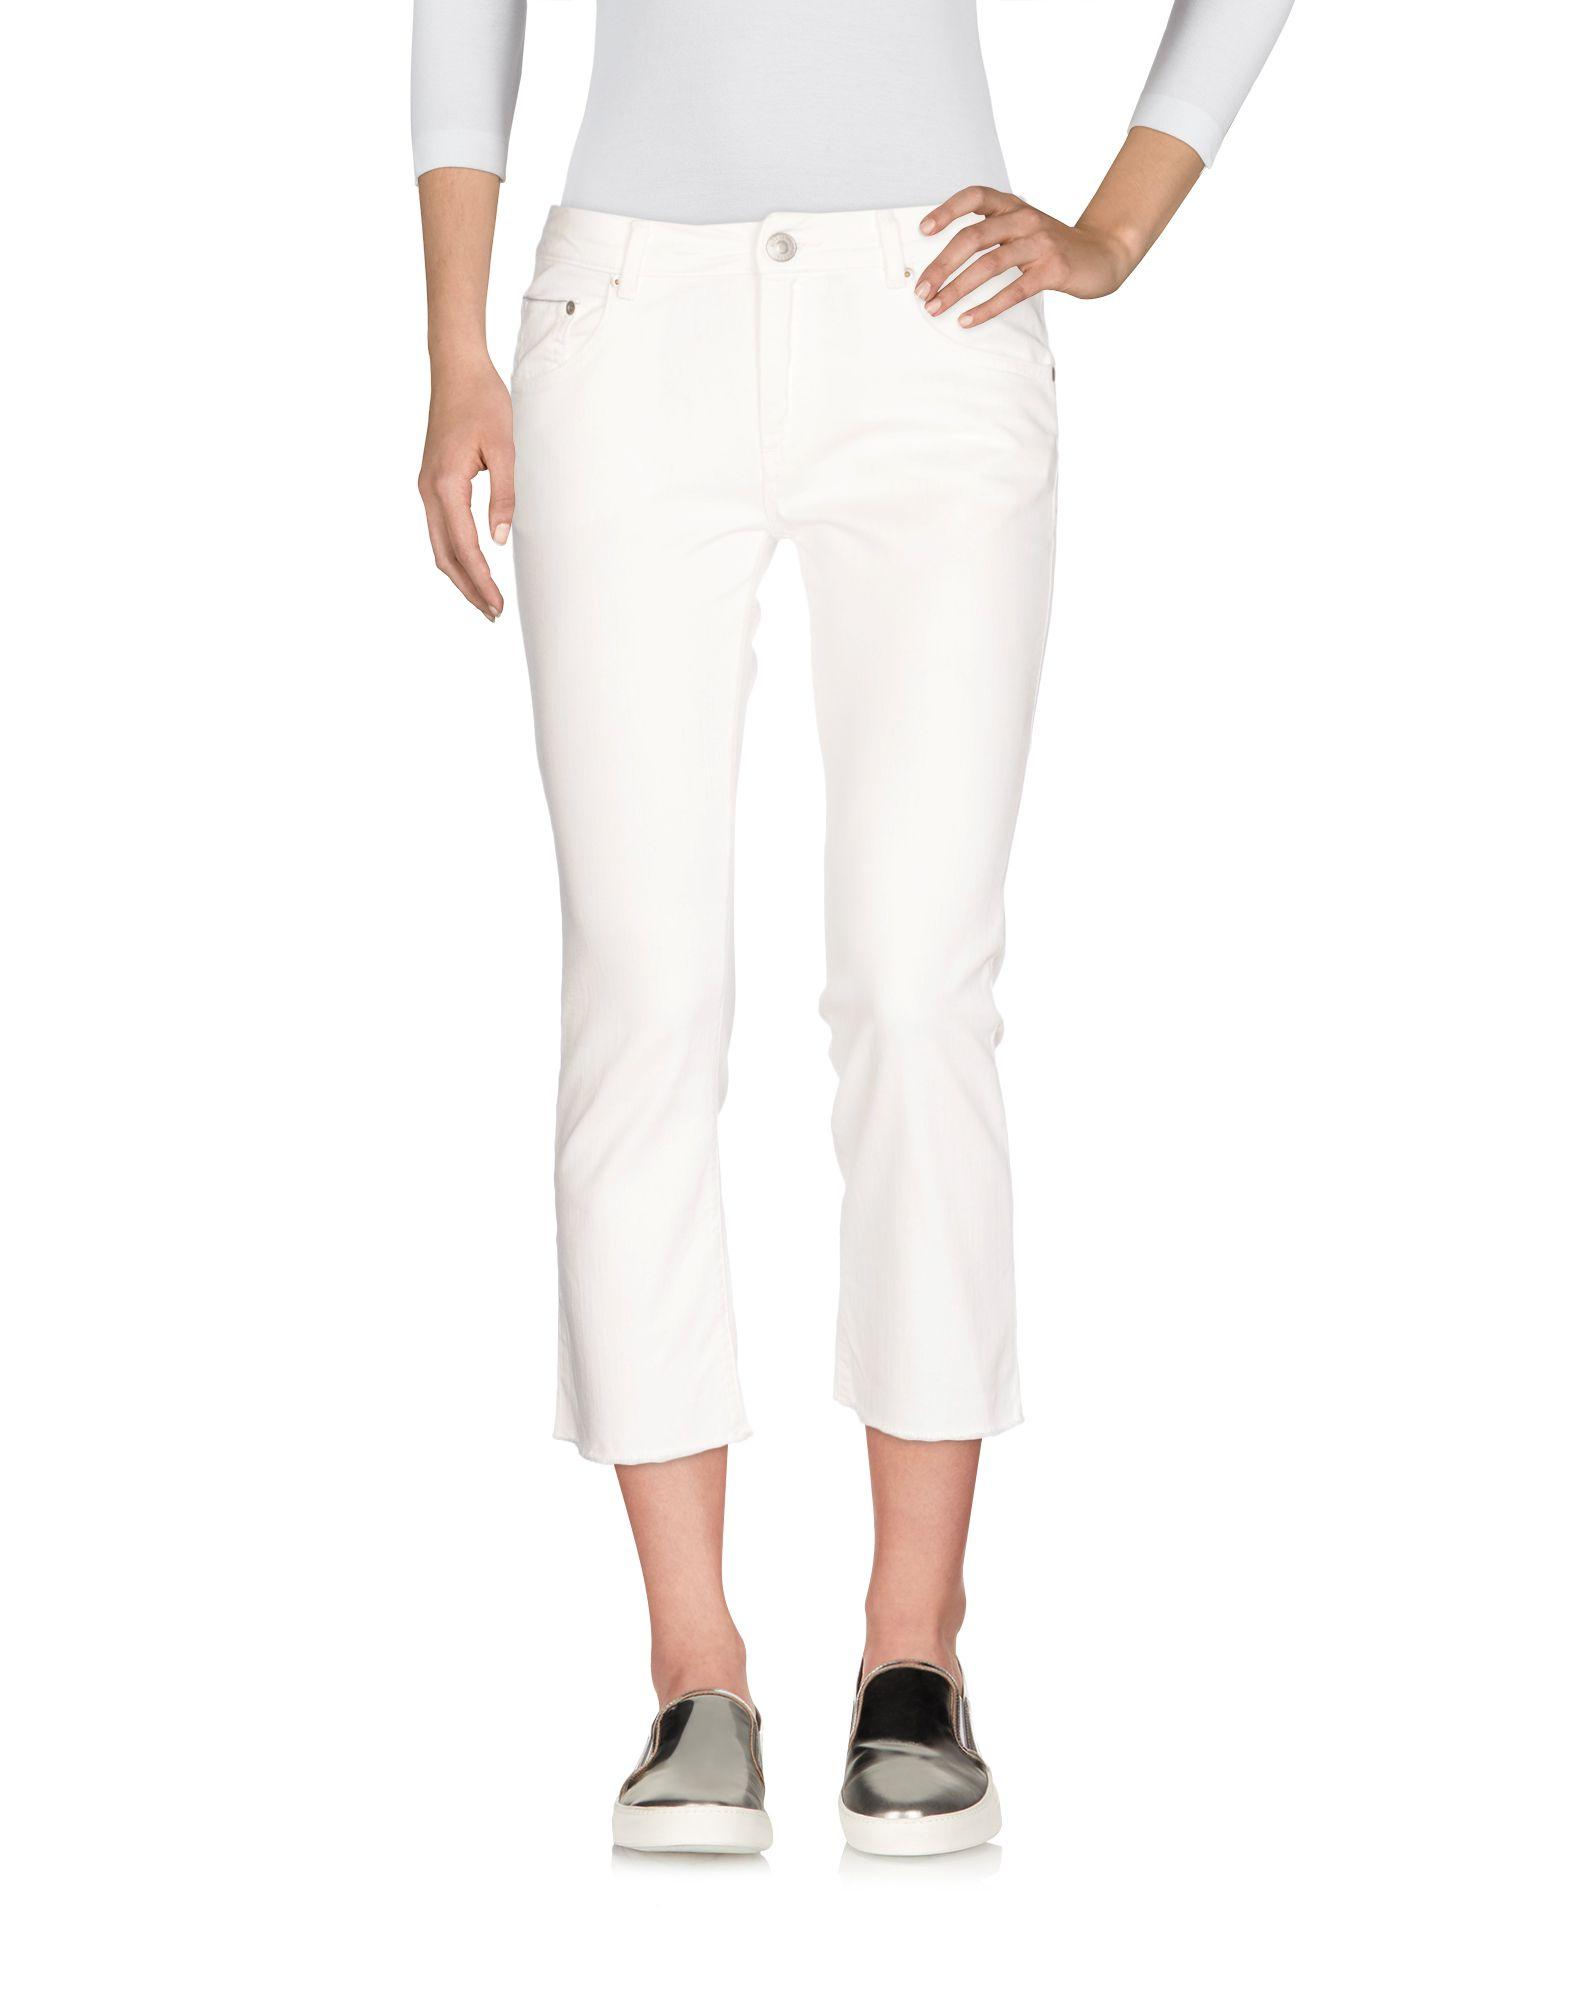 CARE LABEL Джинсовые брюки-капри